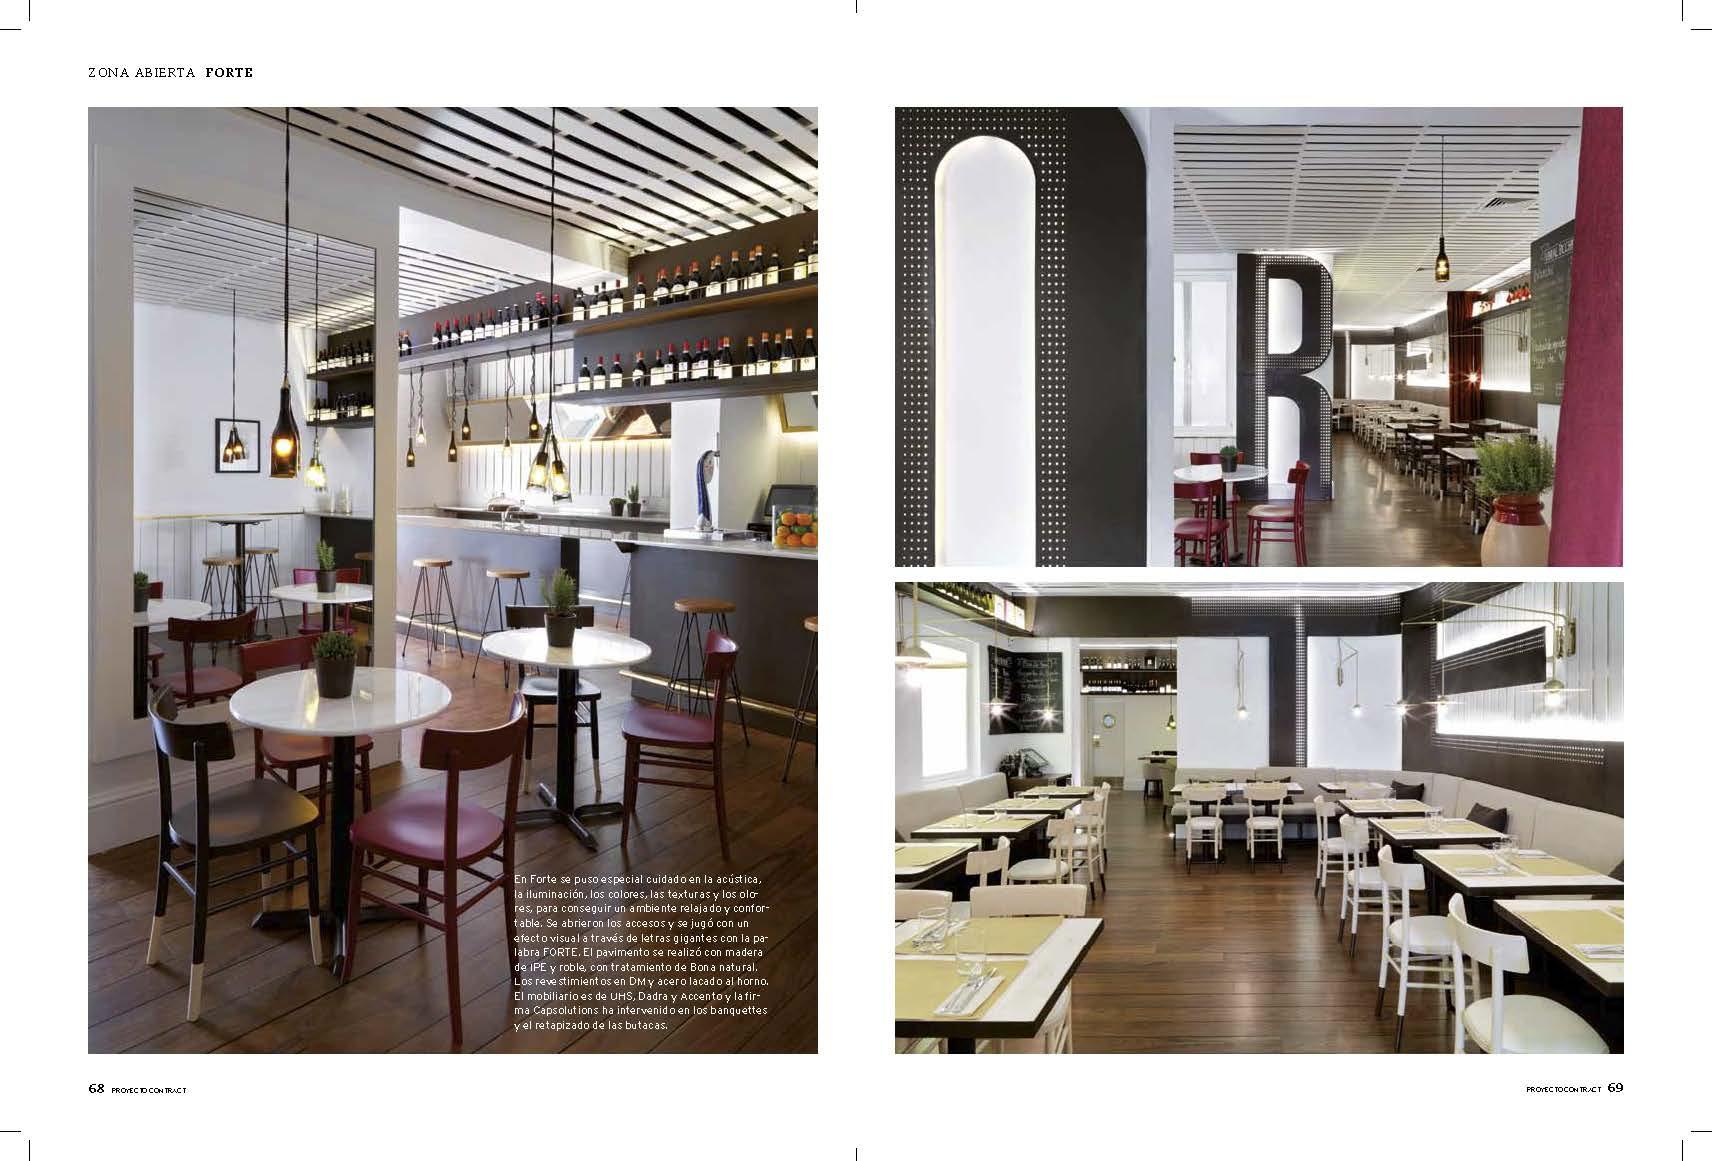 proyecto-contract-112-forte-restaurante-aravaca-madrid-more-co_3